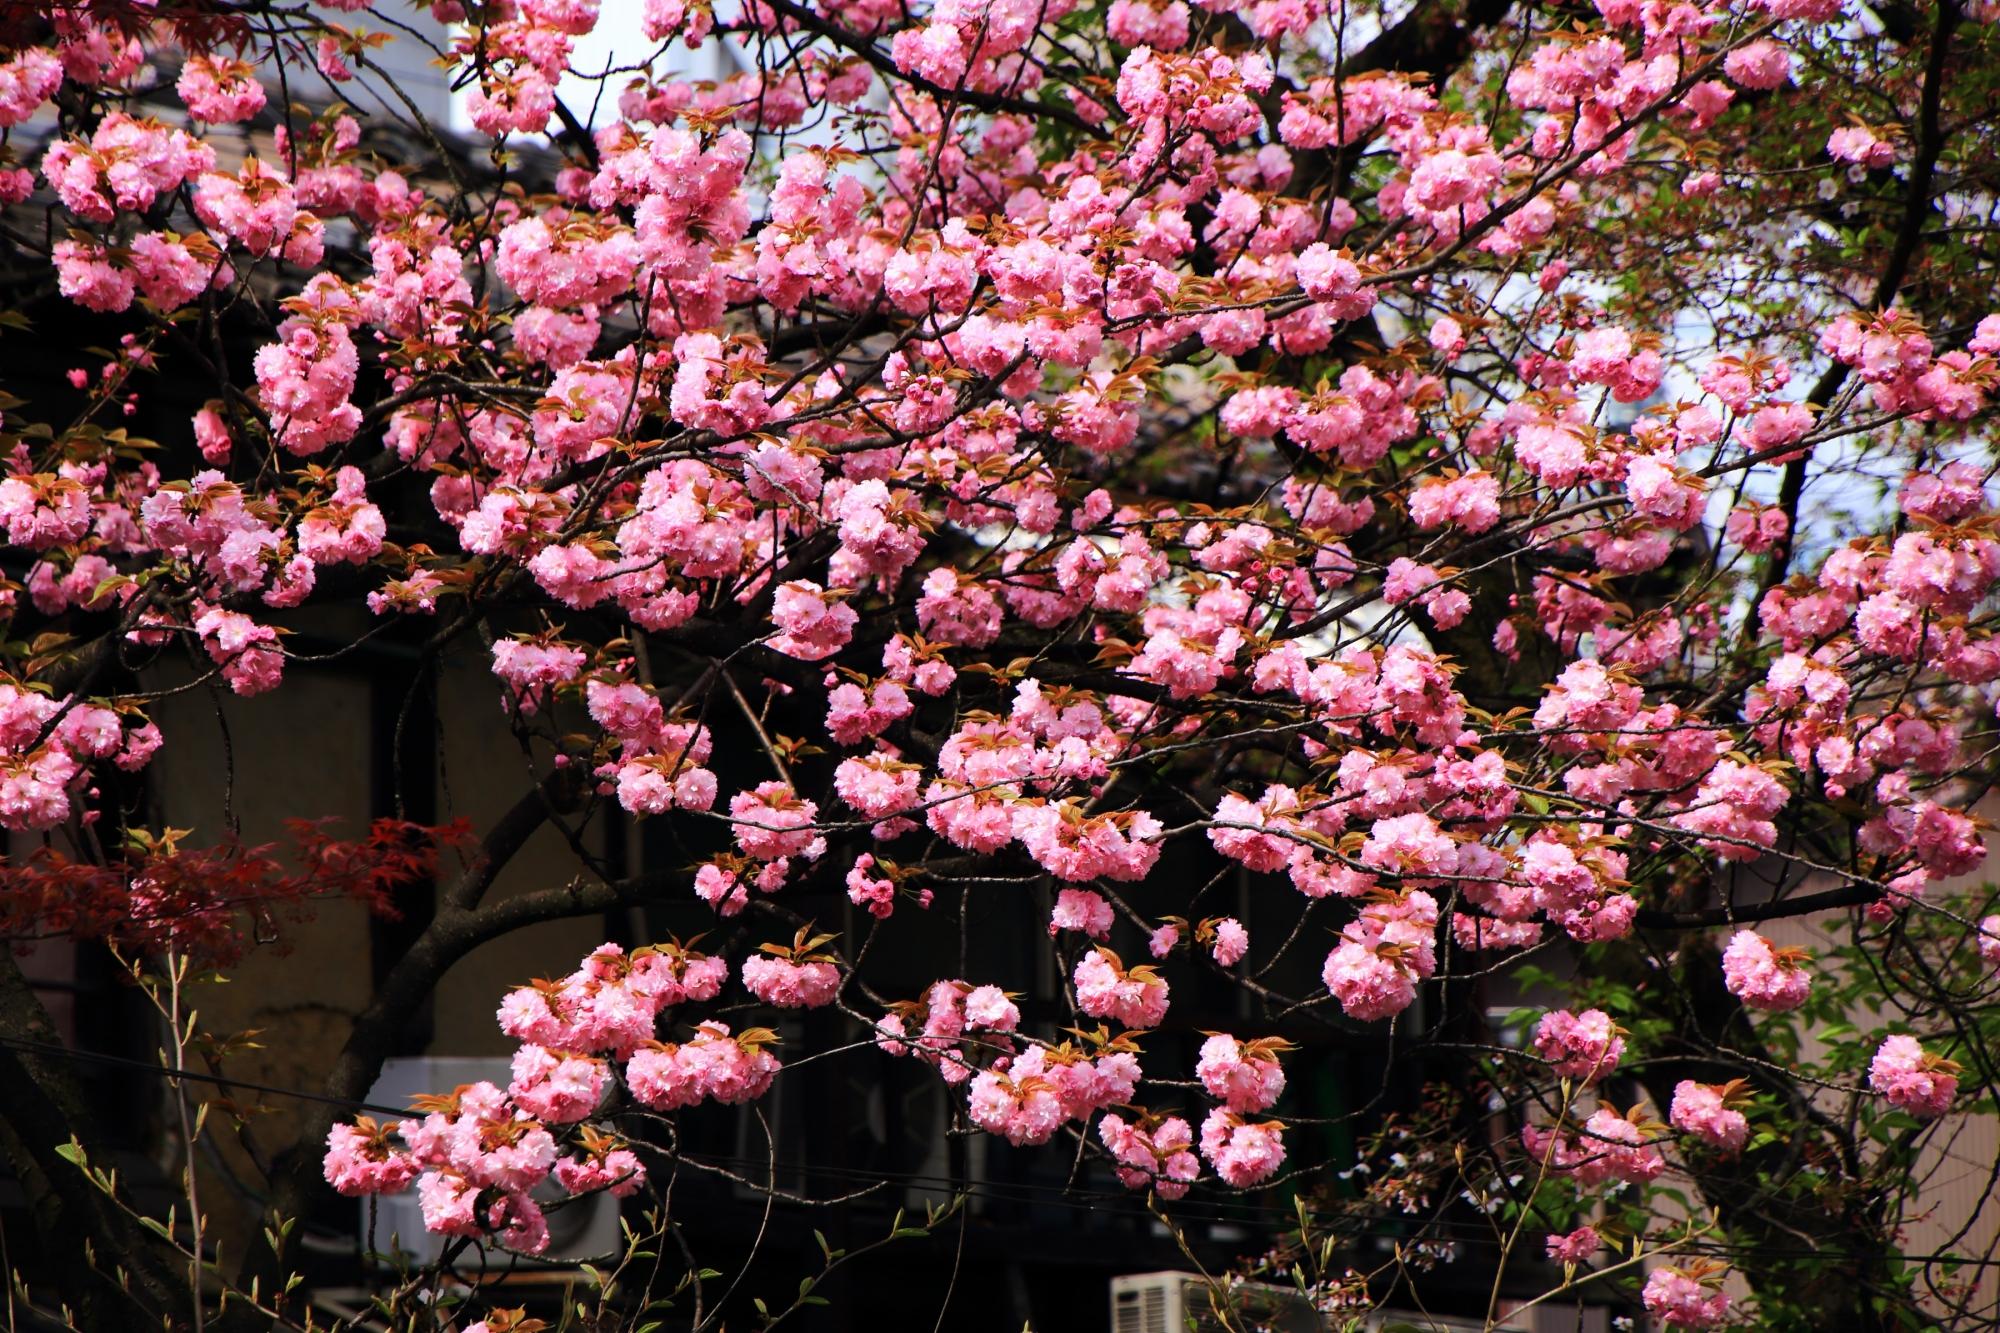 飛び跳ねんとばかりに咲きまくる里桜